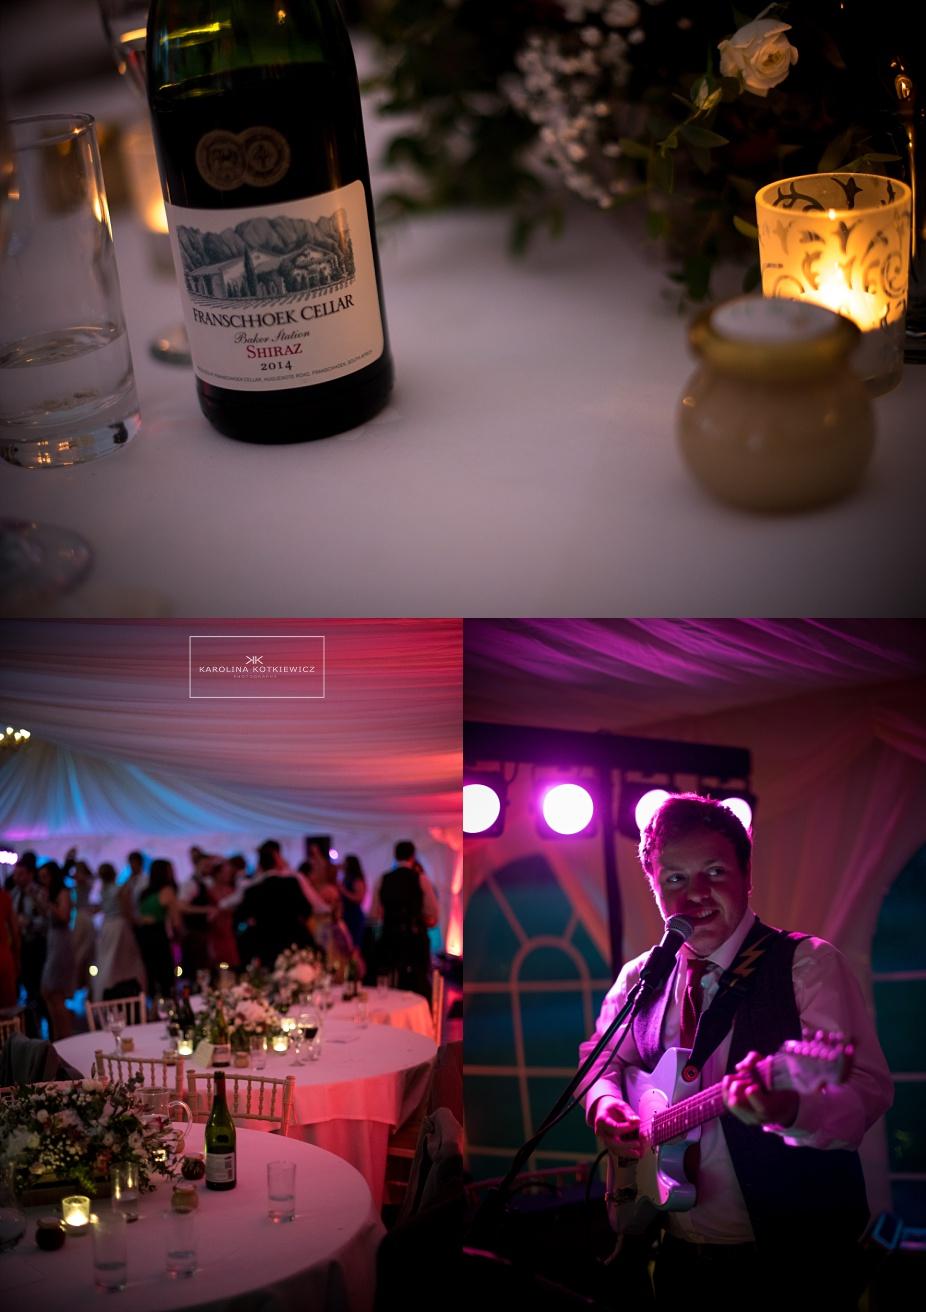 090_Glencourse House wedding photos